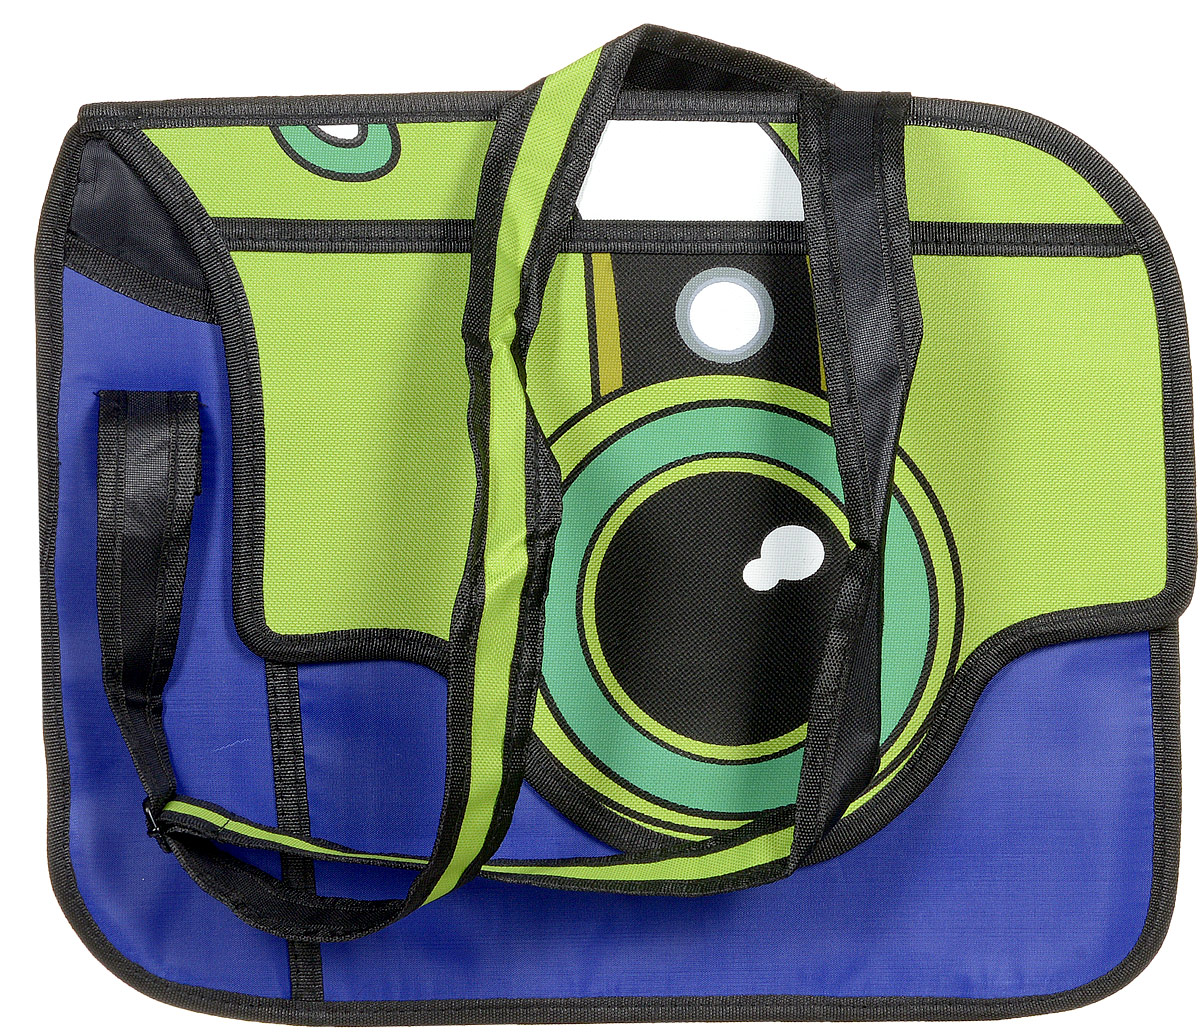 Сумка 3D Kawaii Factory Фотоаппарат, цвет: сине-зеленый. KW100-000122L39845800Позвольте себе поозорничать, появившись на улице с мультяшной сумкой Фотоаппарат от Kawaii Factory. Эта забавная сумка точно привлечет к вам взгляды окружающих, а вам она обеспечит прекрасное настроение в любую непогоду. Ведь ее сине-зеленая расцветка так напоминает яркие сочные краски лета. А объектив фотоаппарата навевает мысль о фантастических путешествиях в загадочные страны, где точно найдется, что пофотографировать. 3D сумка в виде фотоаппарата очень вместительная. В ней легко спрячутся все столь нужные мелочи, без которых современная девушка не выйдет из дома. Да и настоящий фотоаппарат в нее можно положить без проблем. Эта сумочка не боится дождя и снега, так как выполнена из прекрасного качественного нейлона, не пропускающего влагу. Закрывается изделие клапаном на магнитную застежку, внутри имеется 2 отделения, а с тыльной стороны находится карман на молнии. Сумка 3D Фотоаппарат - это как раз то, что вам нужно, чтобы зарядиться позитивом и покорить весь мир своим отличным настроением! Ну и, конечно, это просто потрясающий подарок для любимых, которых всегда хочется порадовать чем-то особенным и необычным.